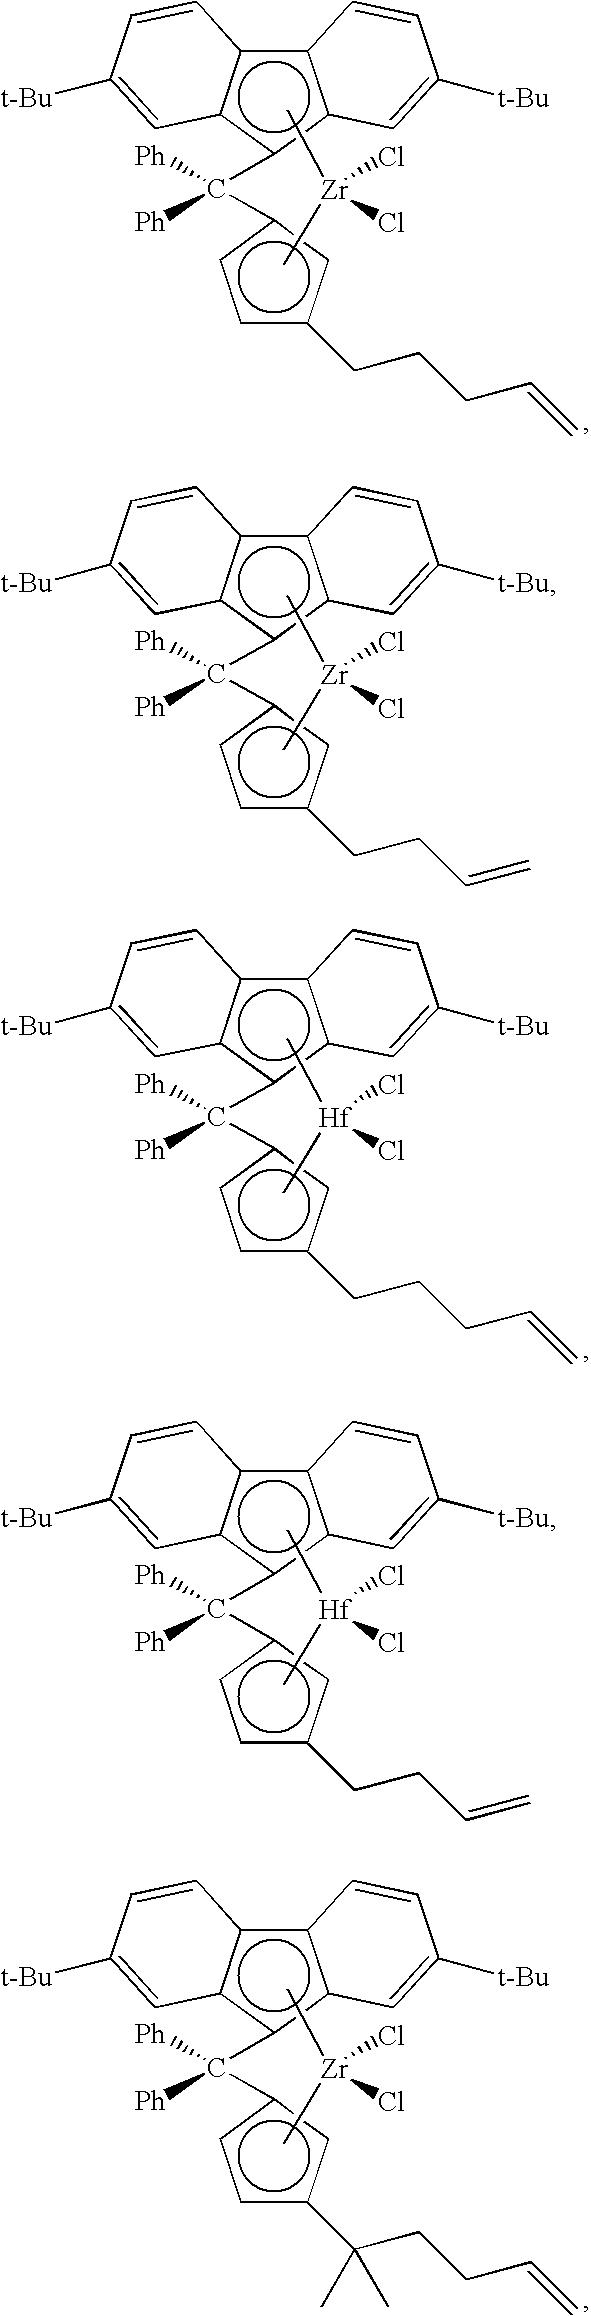 Figure US07517939-20090414-C00014